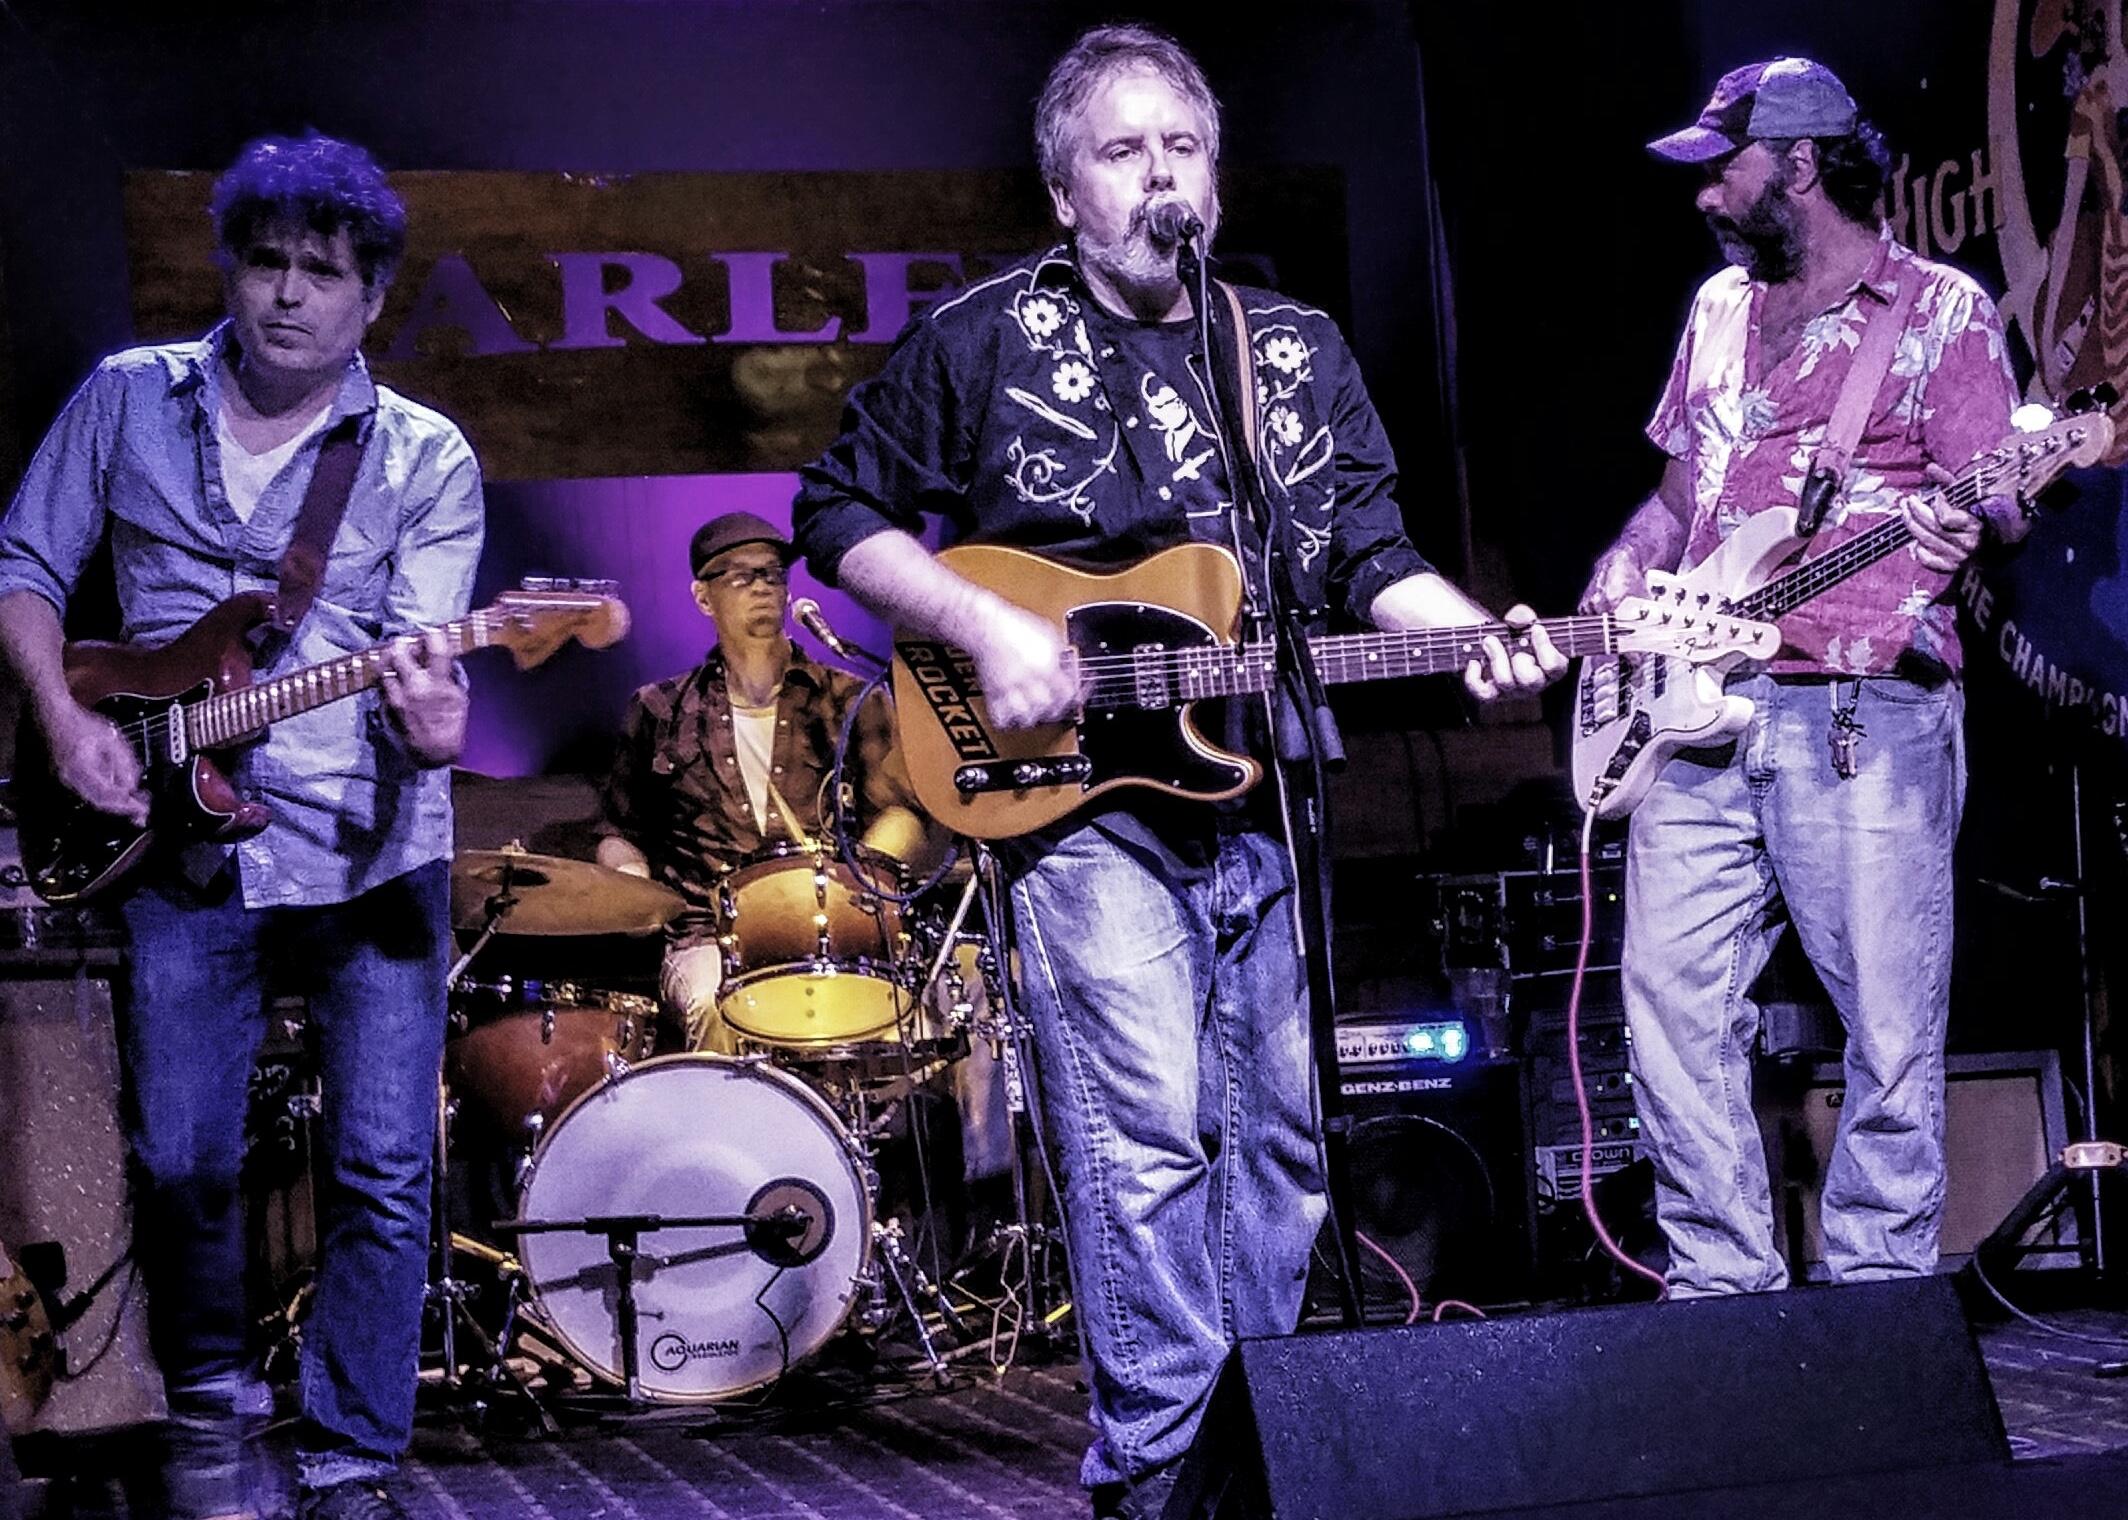 Greg Horne Band (Barry Po Hannah, Nate Barrett, Greg Horne, Chris Zuhr) by Ruth Burchfield